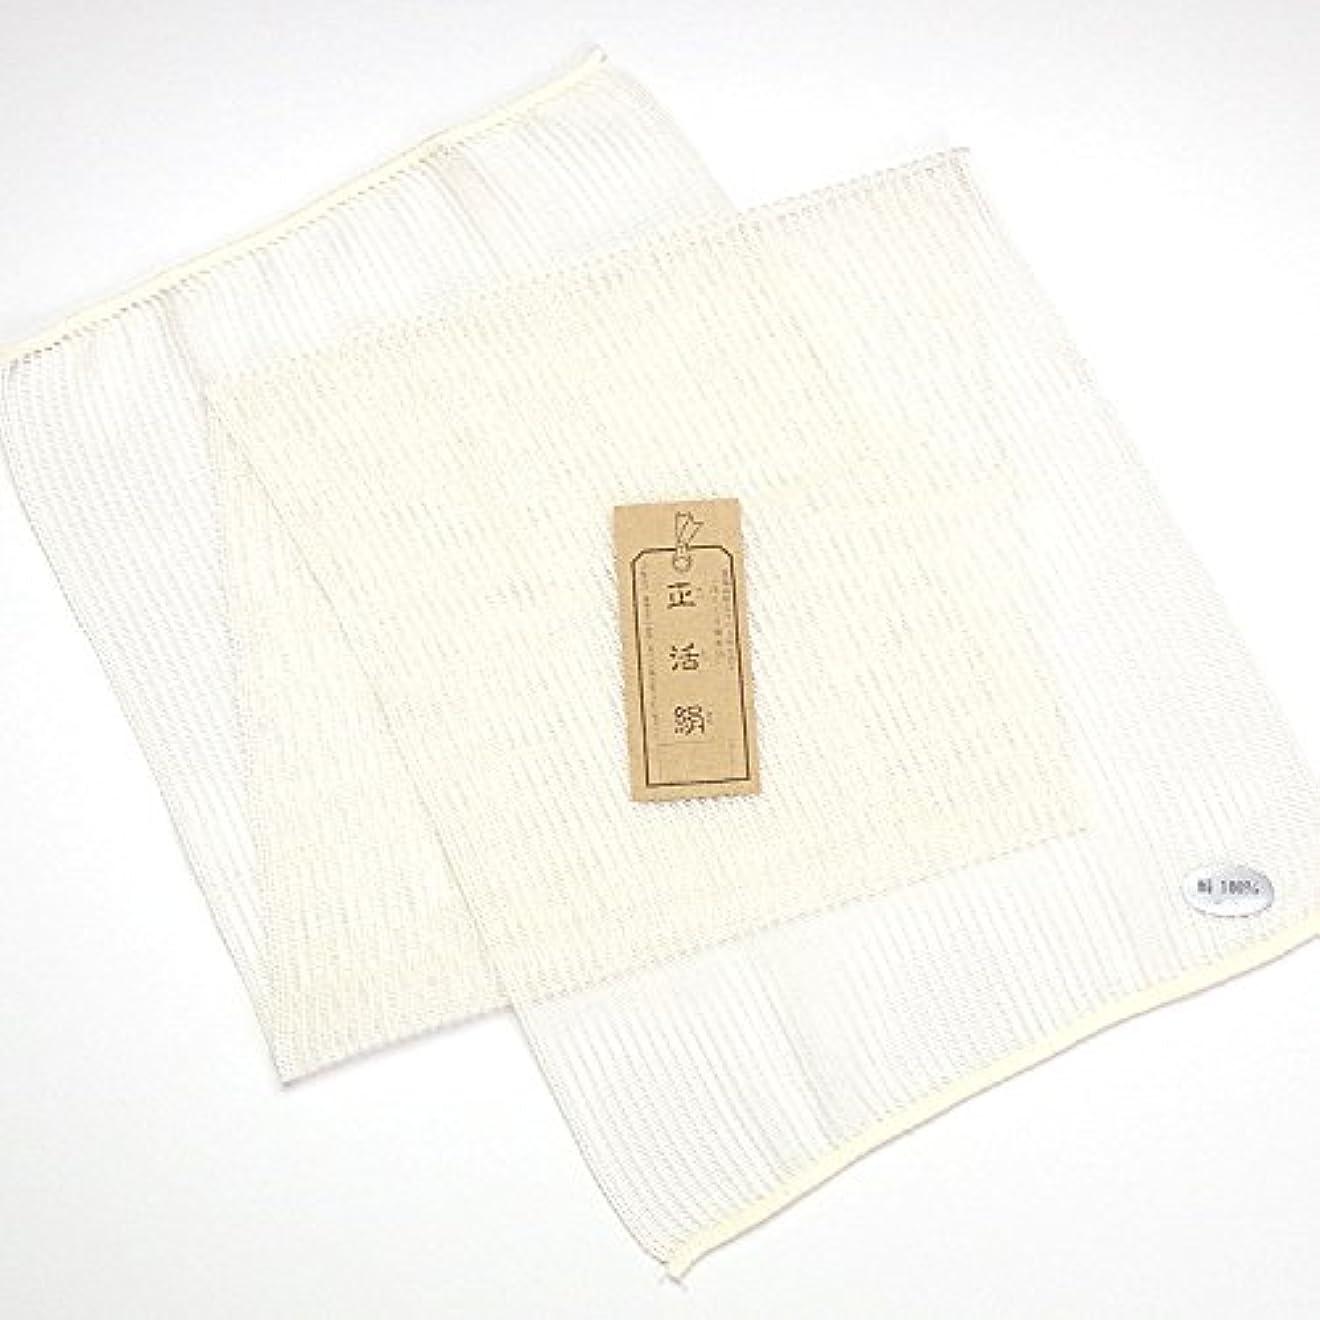 力微生物クアッガ(正活絹) 絹ボディタオル 絹100% 日本製